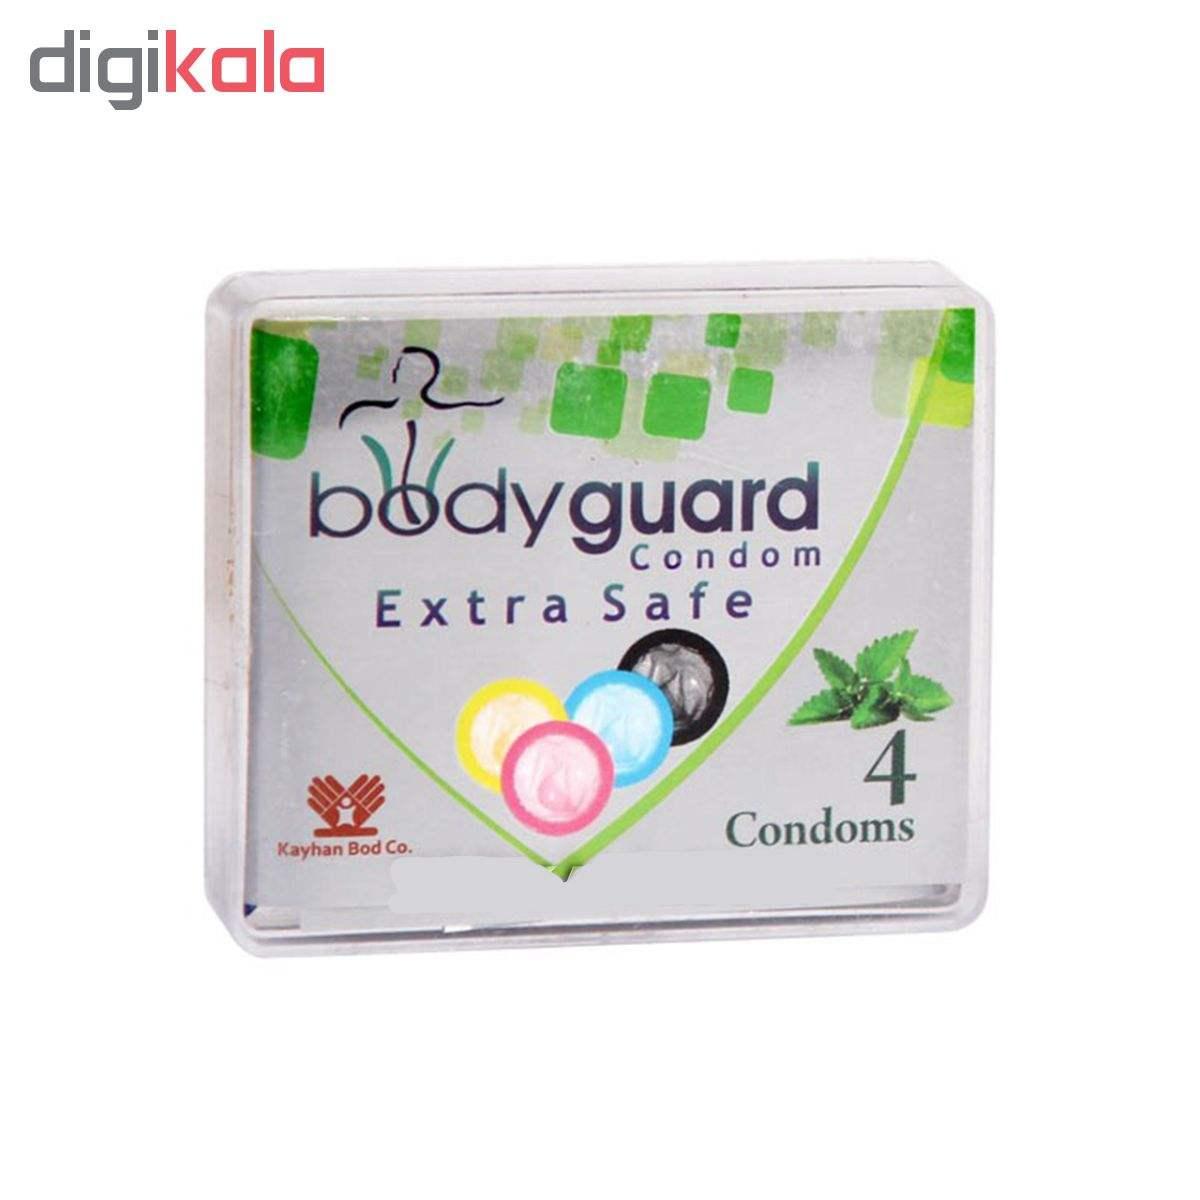 کاندوم کاپوت مدل 45Minutes بسته 12 عددی به همراه کاندوم بادیگارد مدل Extra Safe بسته 4 عددی main 1 3